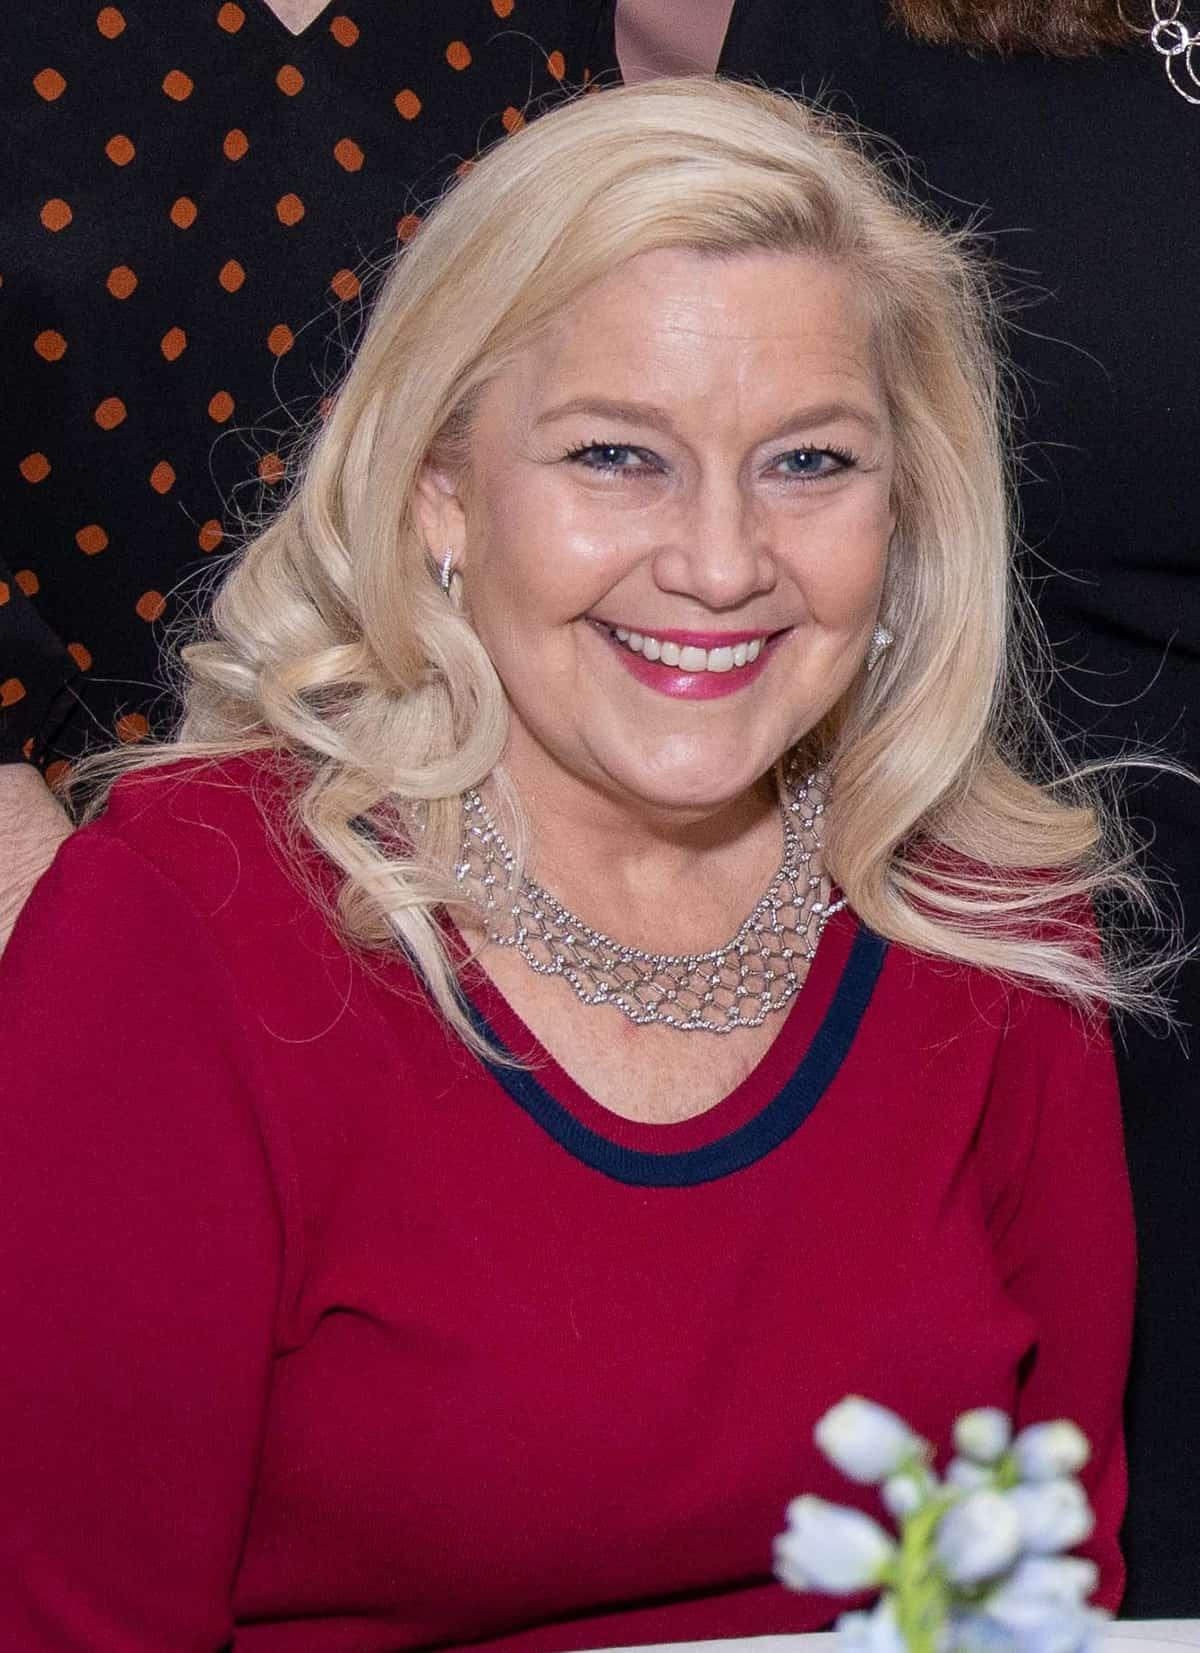 Marena Gault